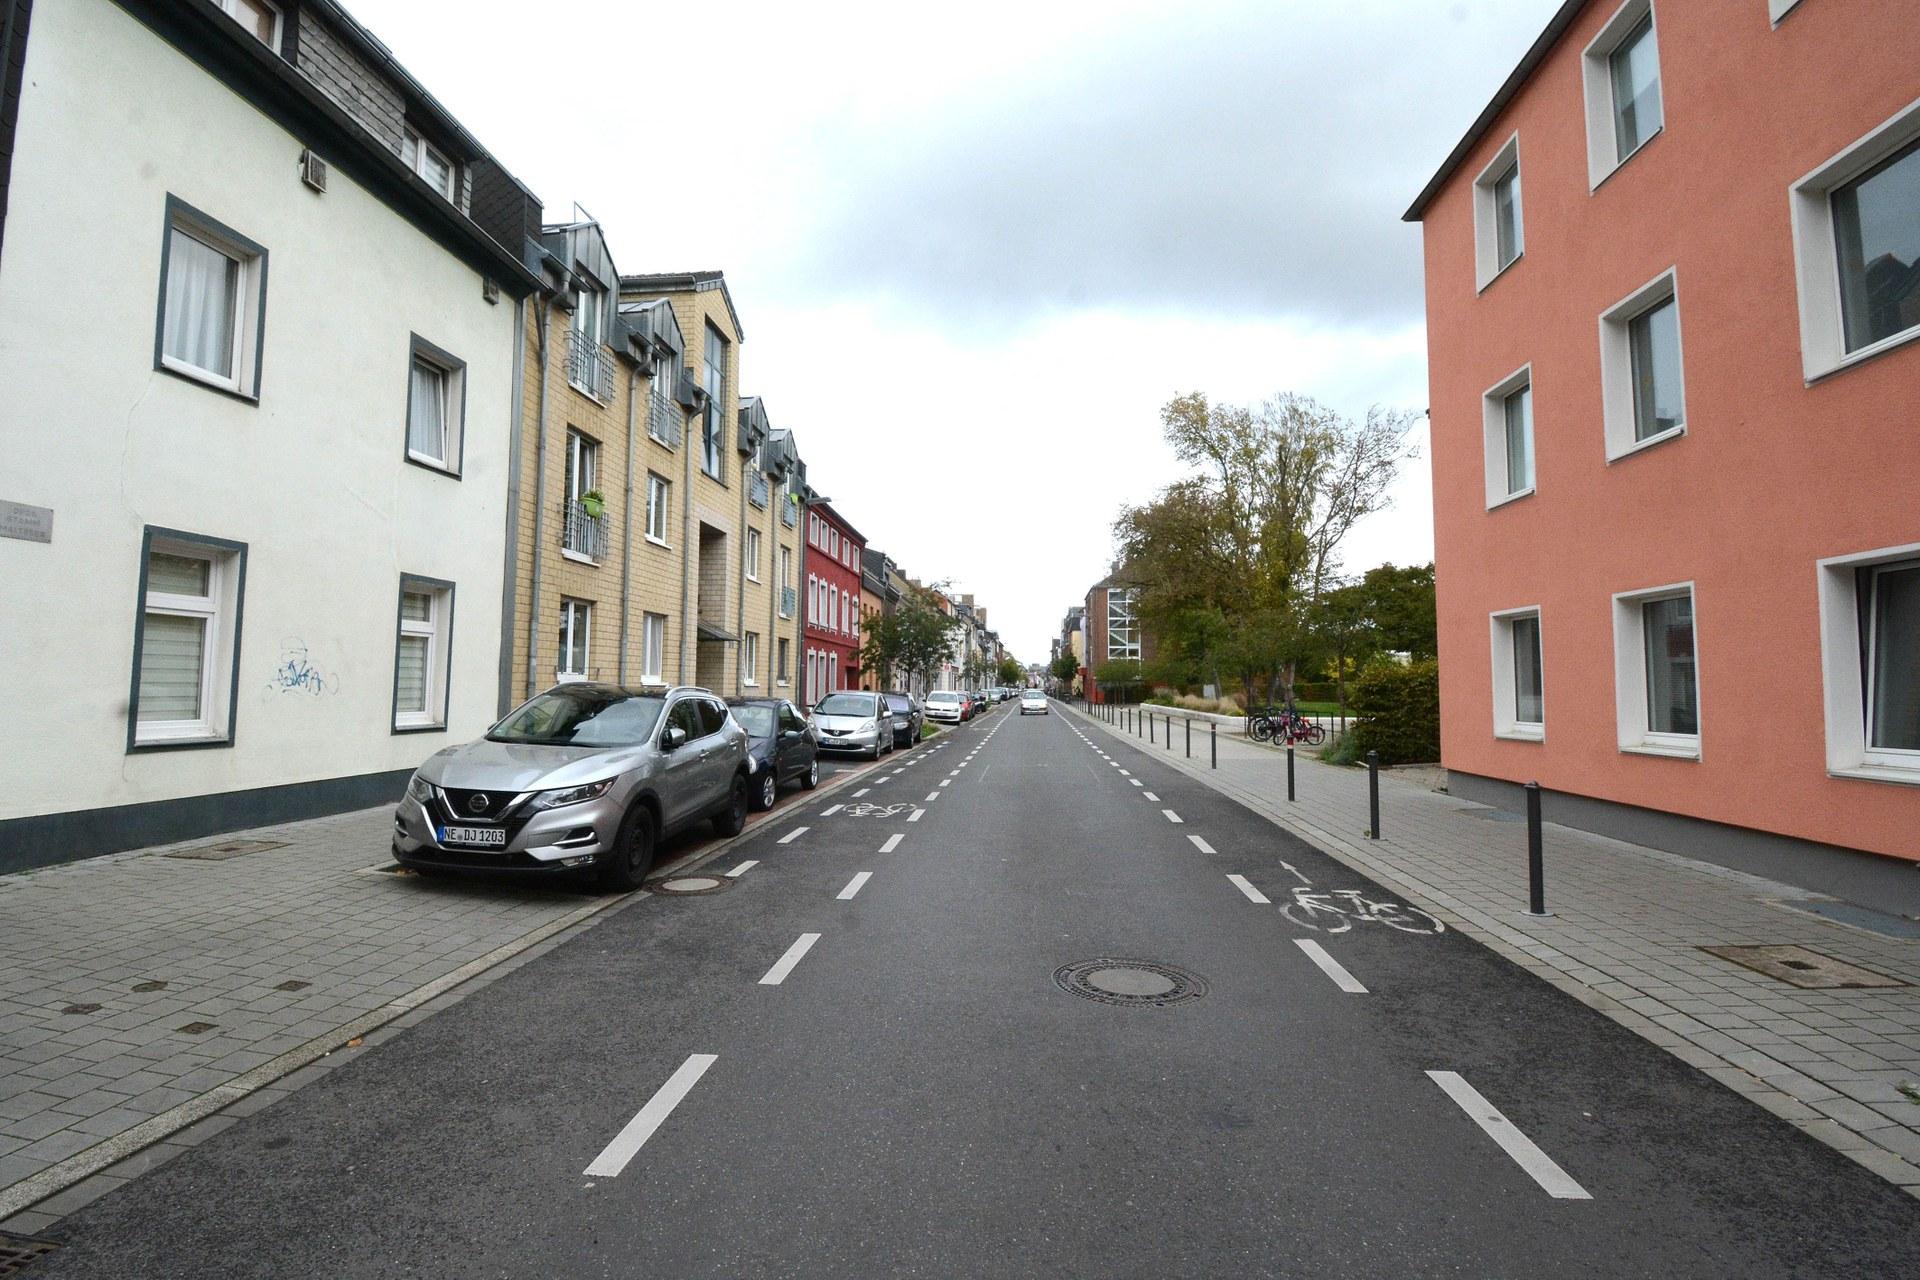 0910 Umbau und Kanalsanierung Bergheimer Straße beendet 03.jpg